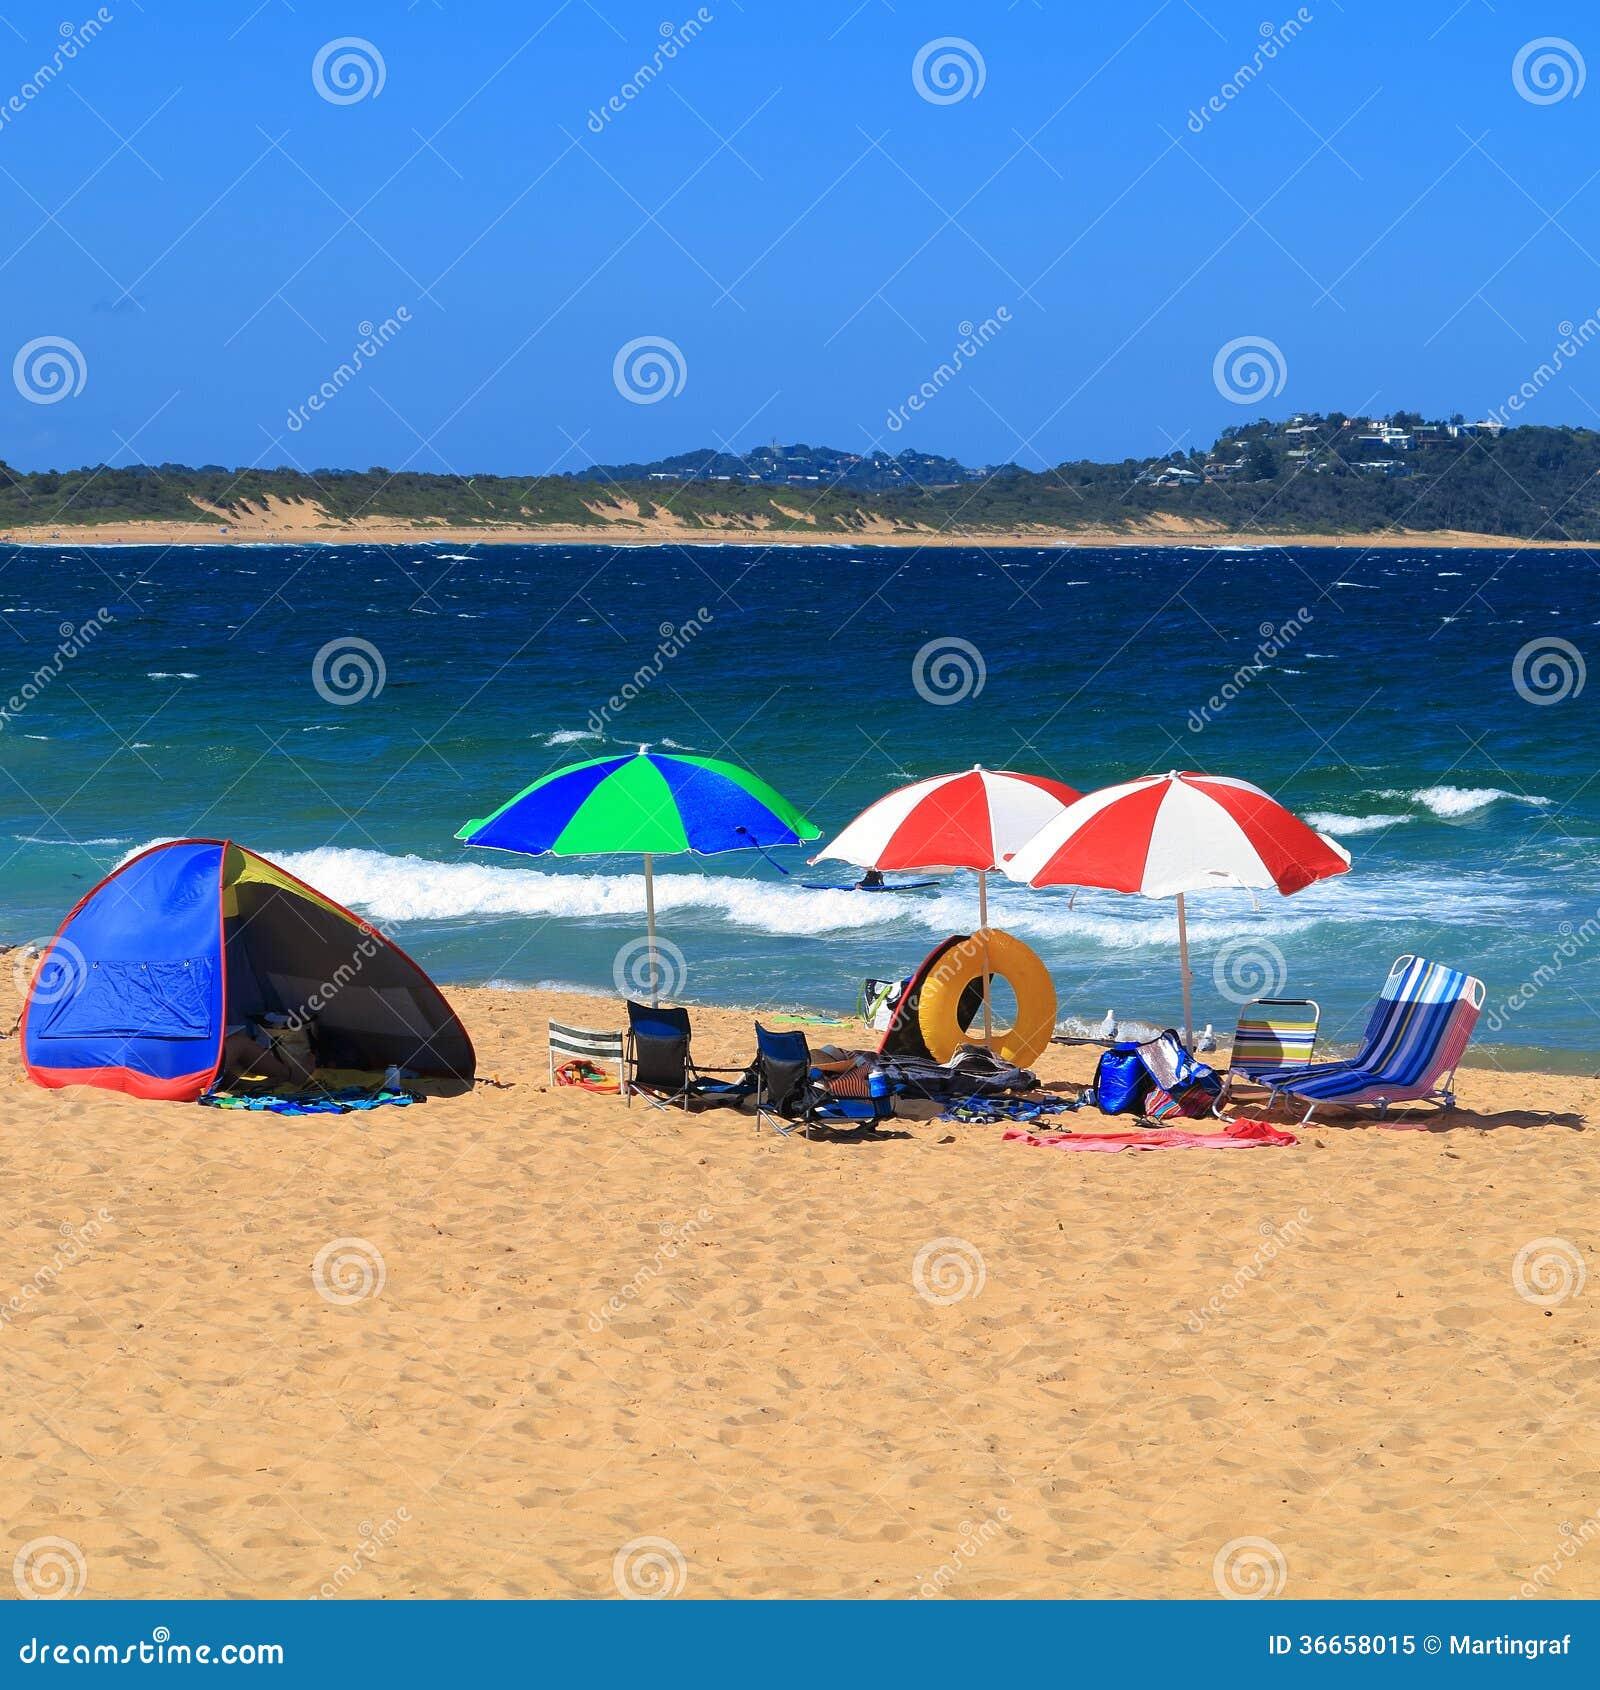 Holiday beach camping